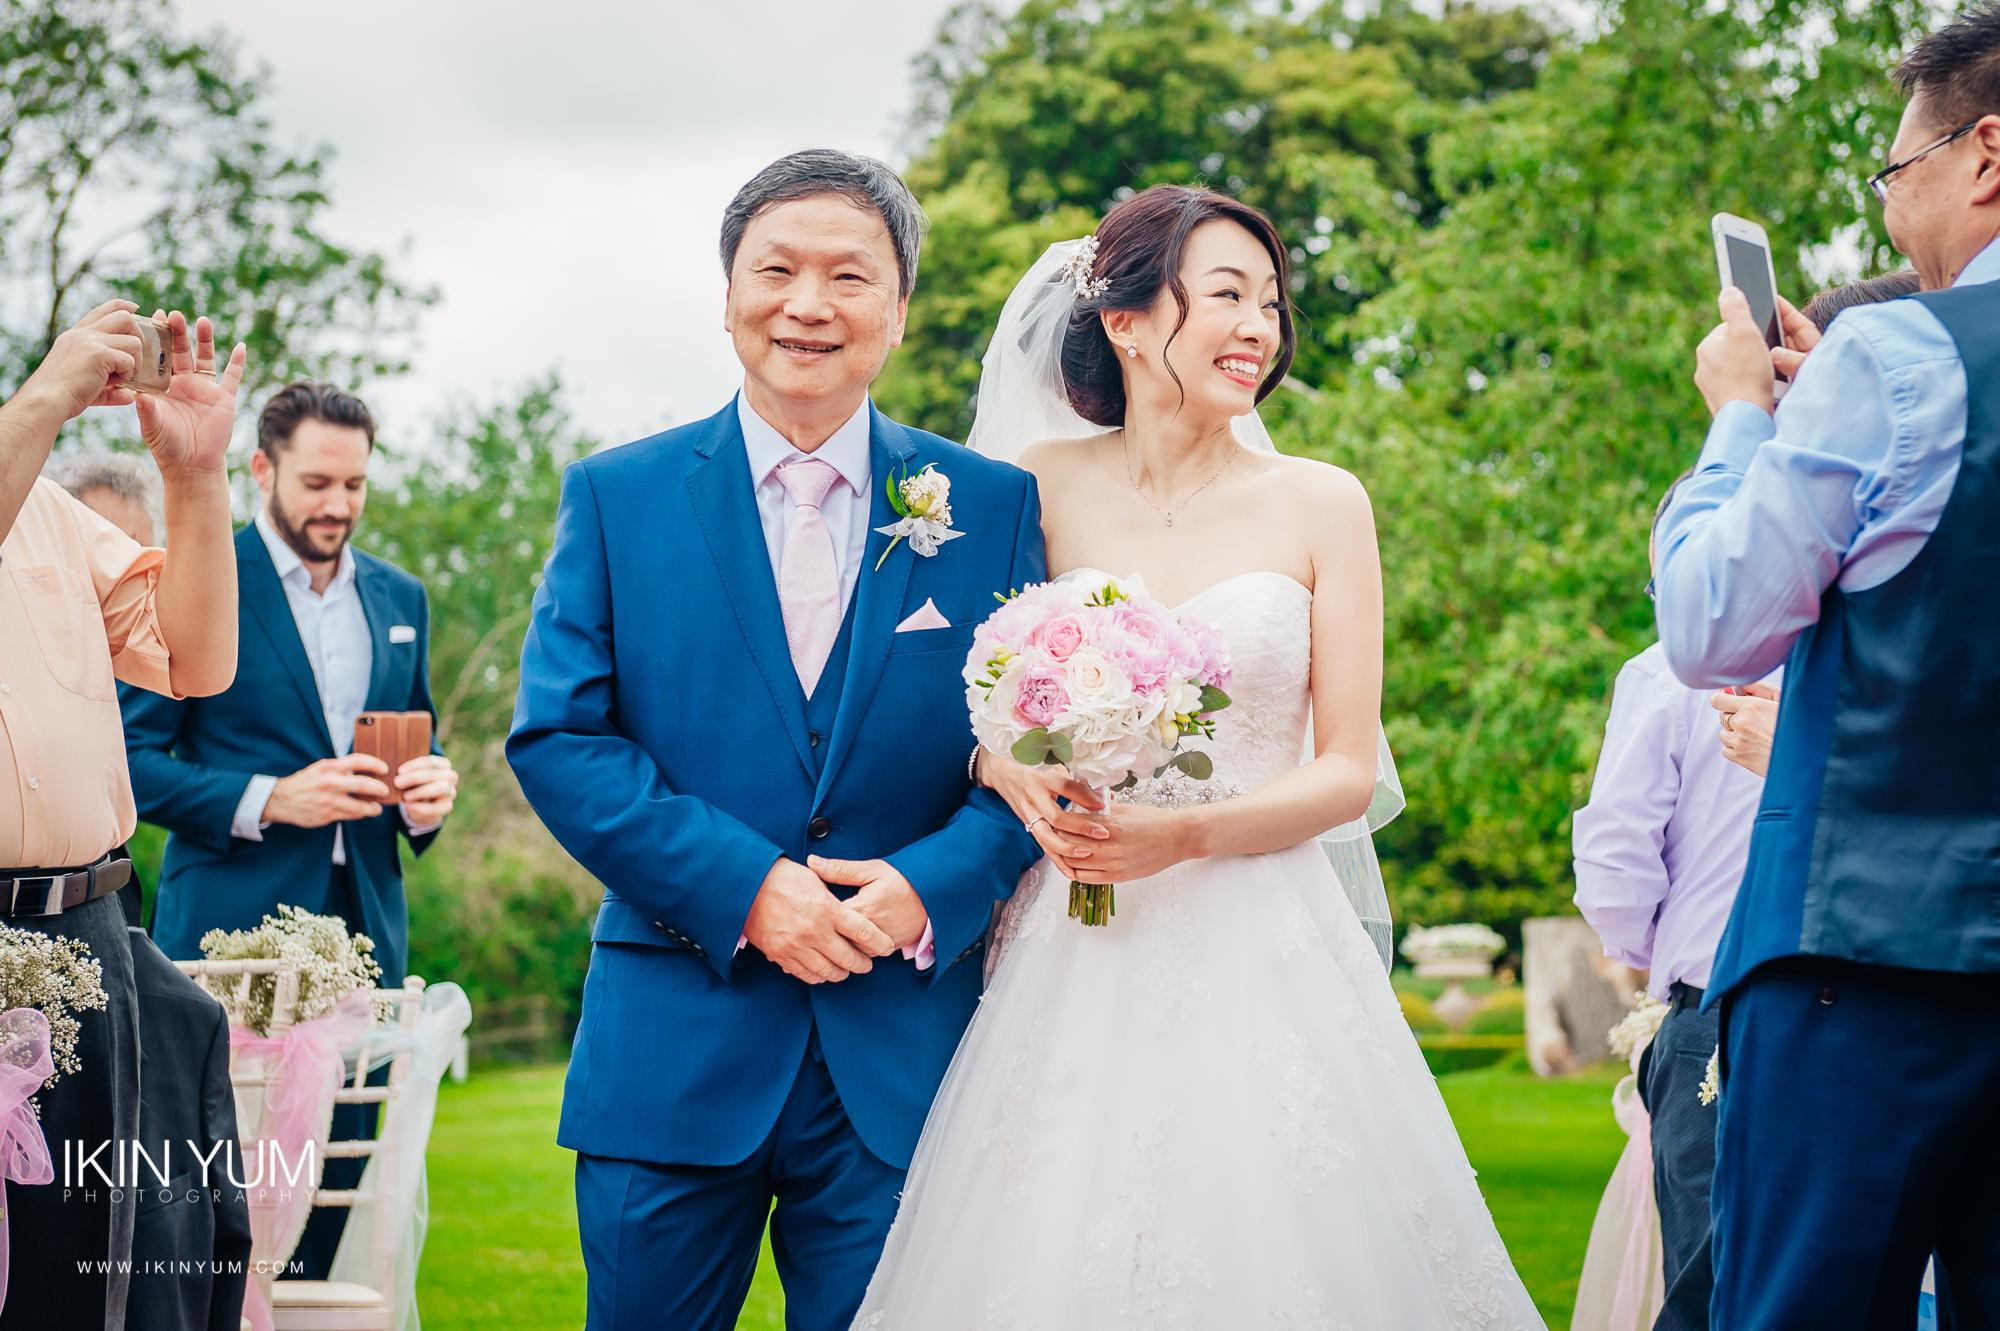 Sylvianne & Chun Wedding Day - Ikin Yum Photography-076.jpg